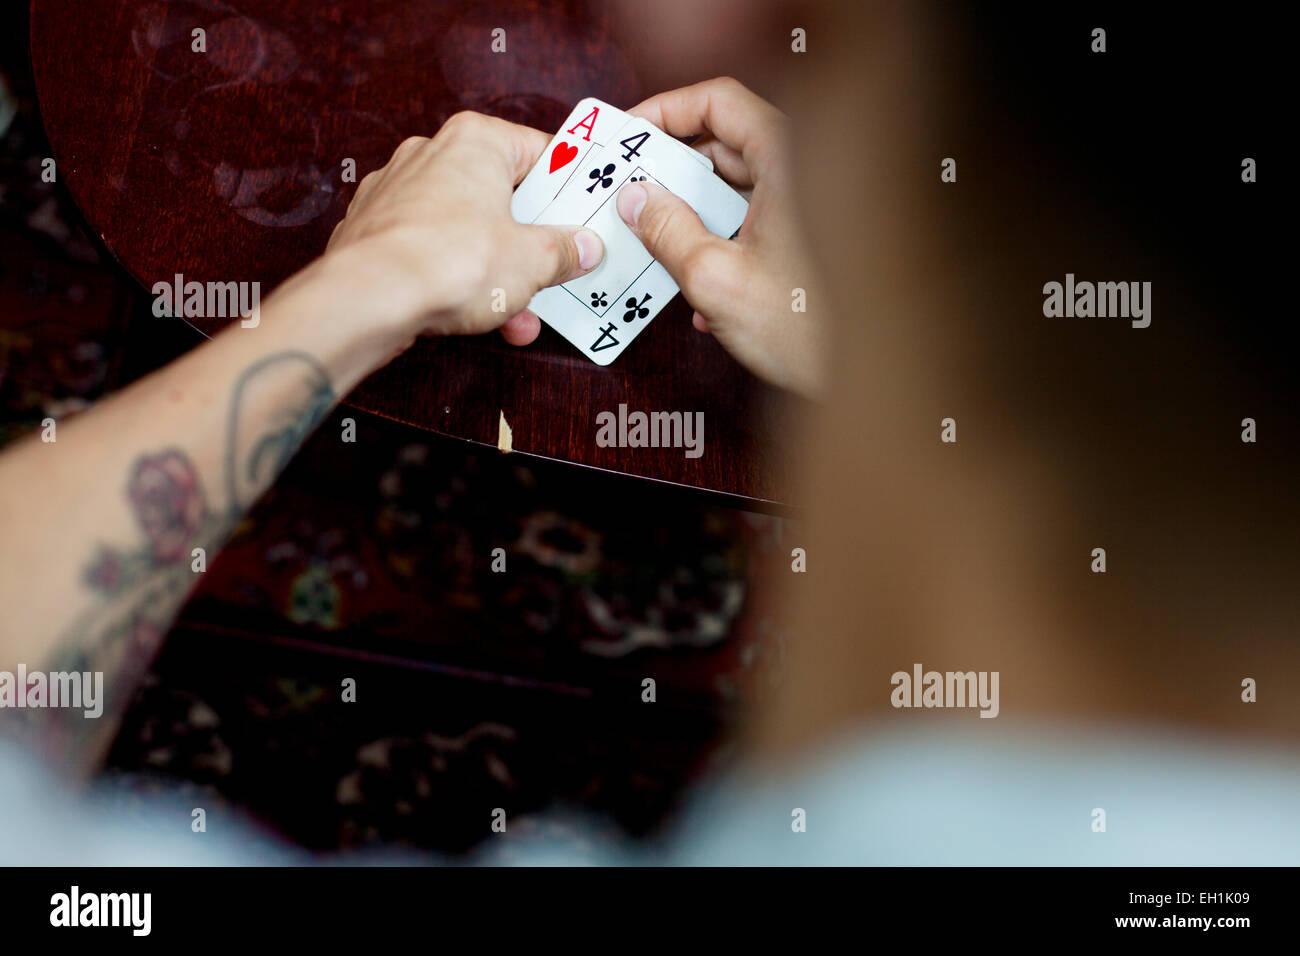 Bild von Spielkarten zu Hause Mann beschnitten Stockbild